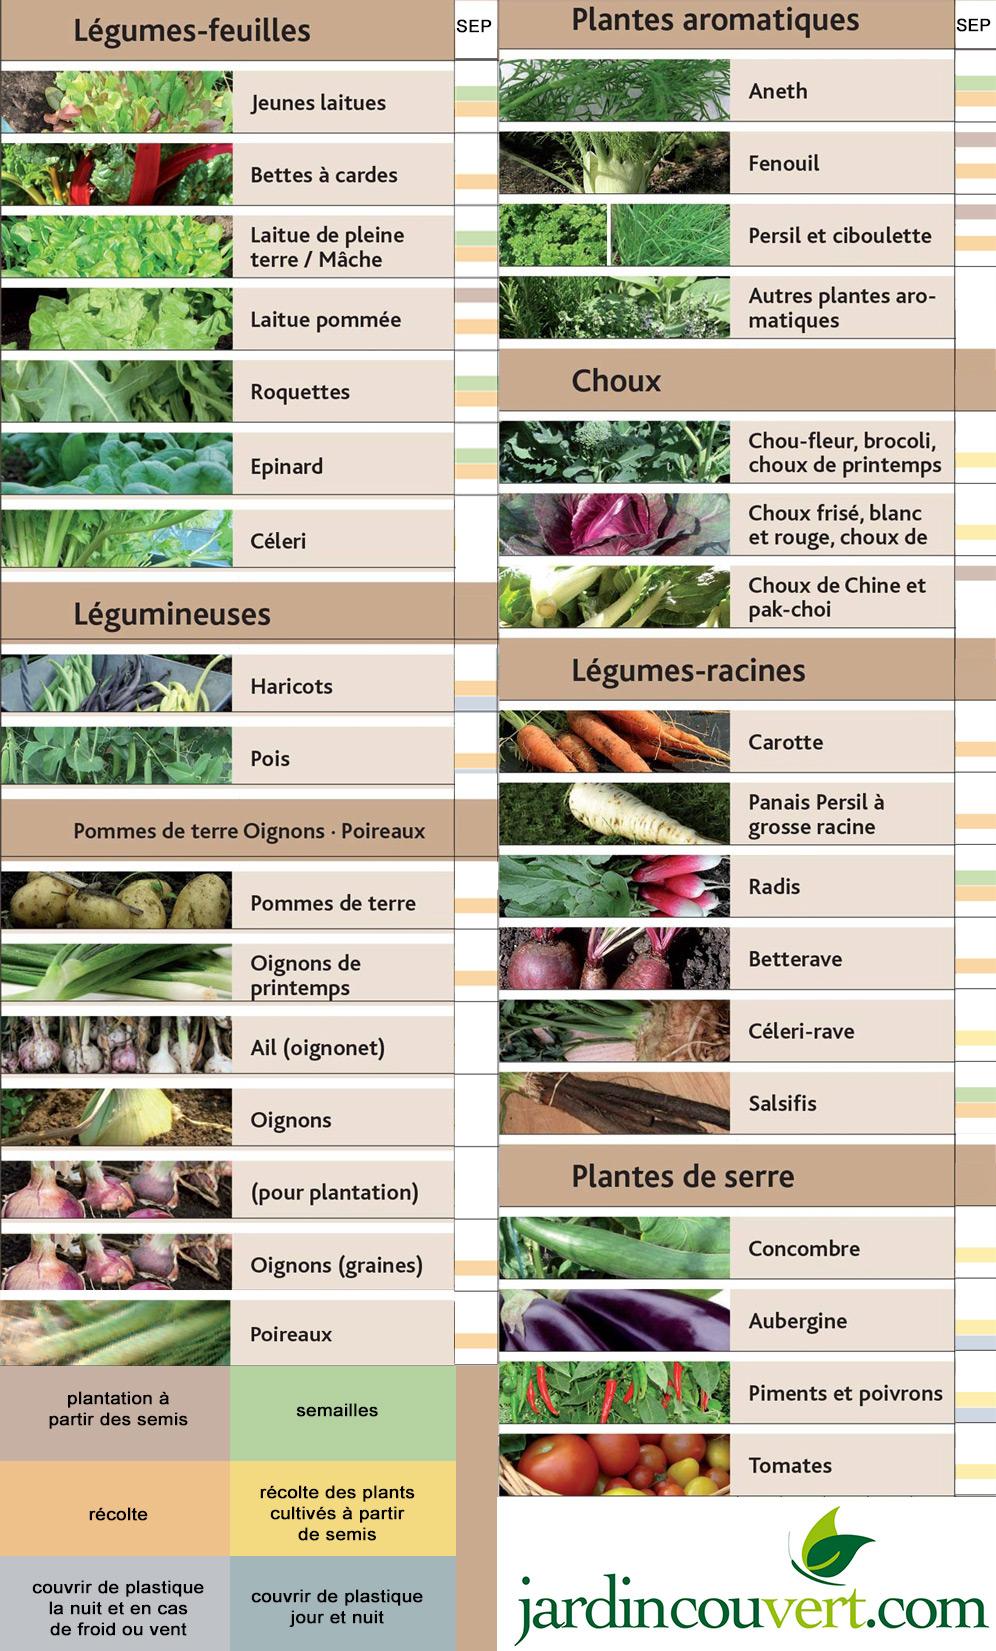 Calendrier de plantations et semis septembre